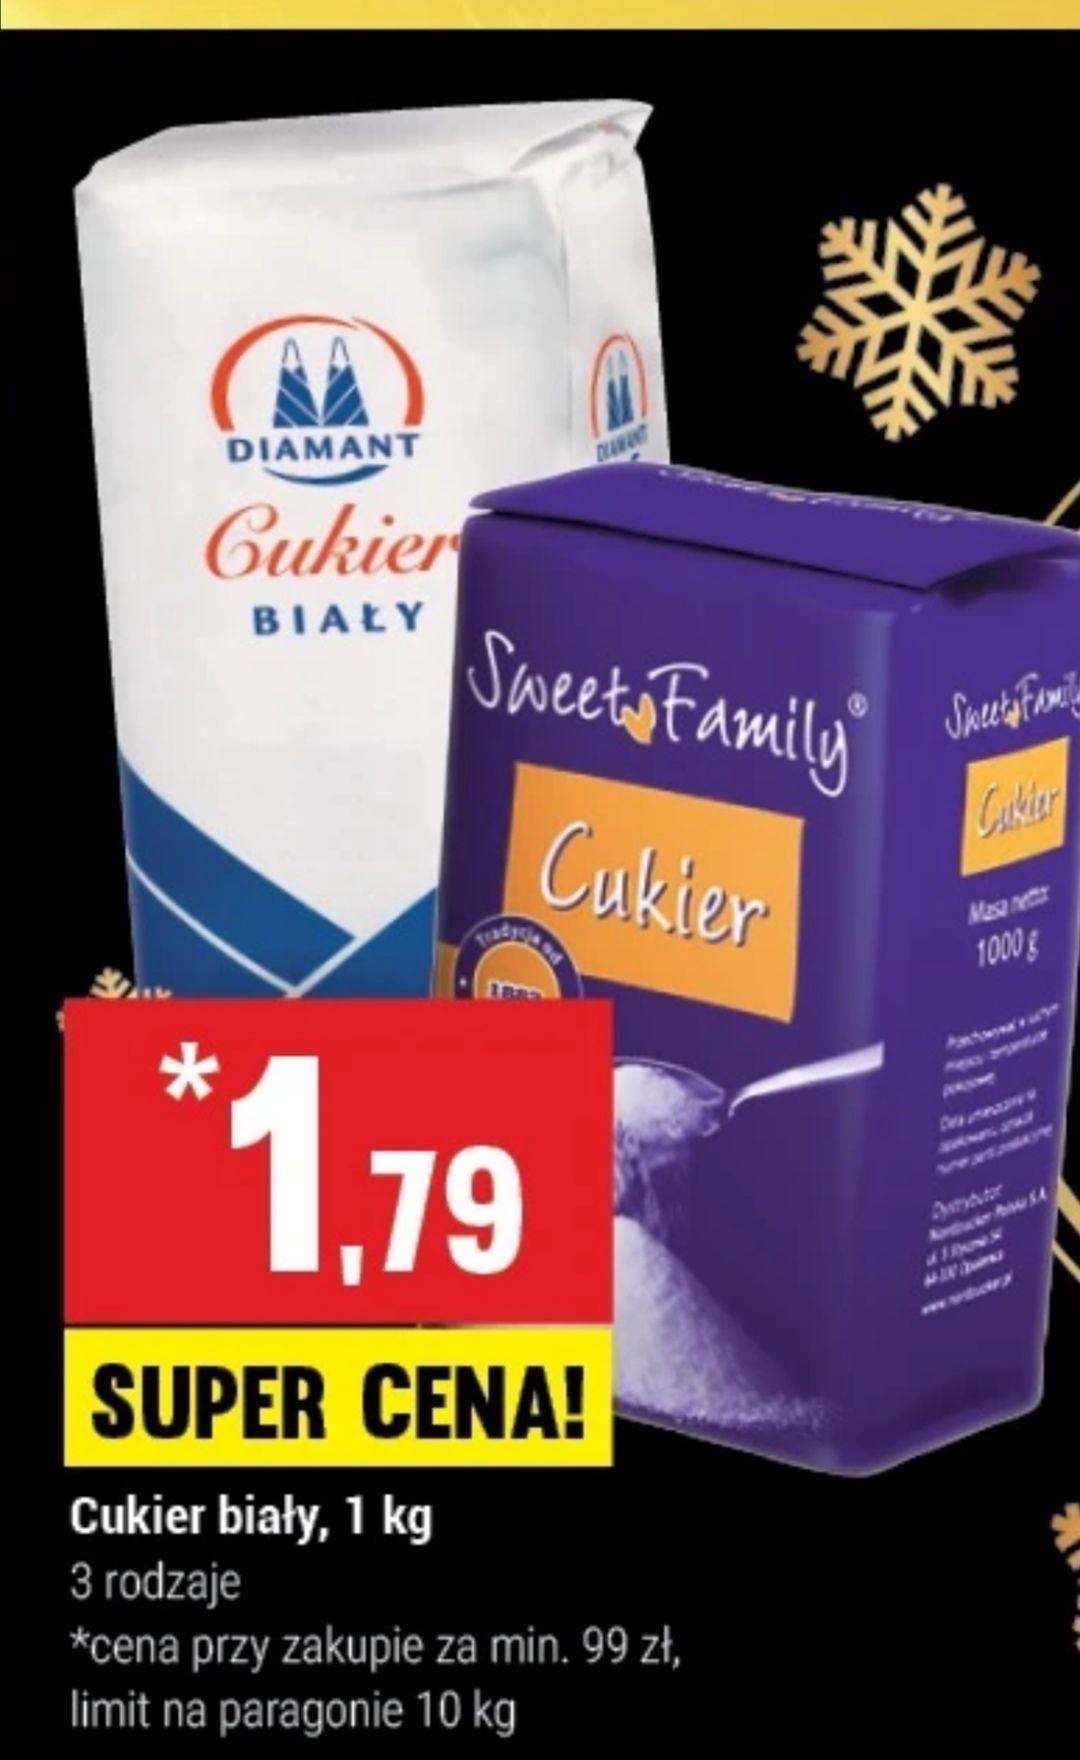 Cukier biały 3 rodzaje 1kg (twój market)